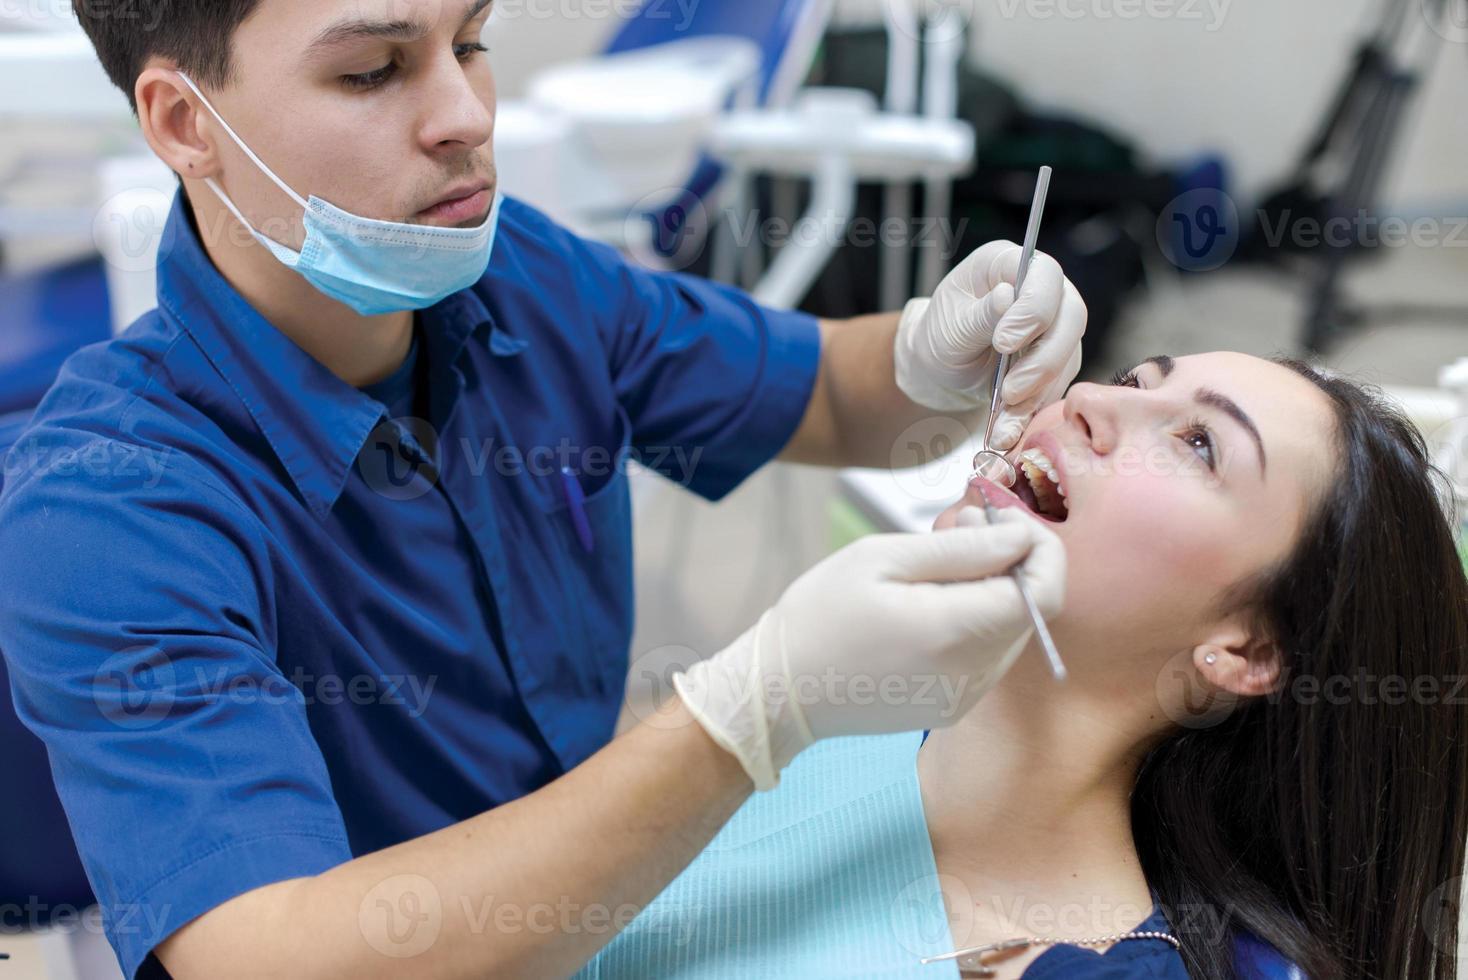 o sorriso perfeito e dentes perfeitos. doct profissional confiante foto